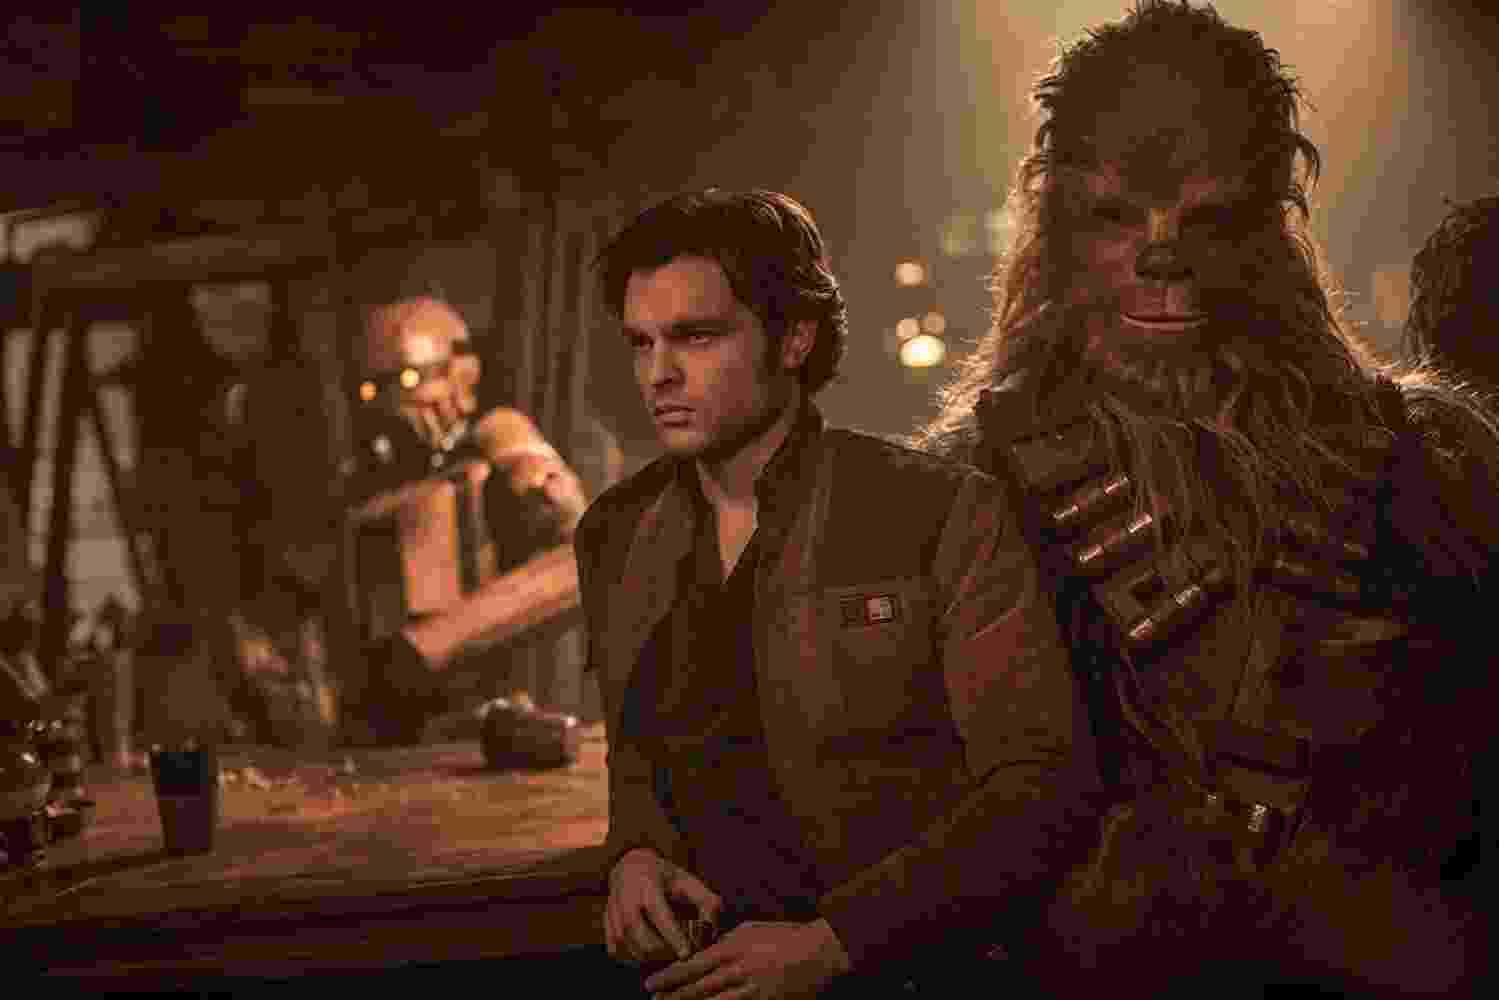 """Alden Ehrenreich e Joonas Suotamo em """"Han Solo: Uma História Star Wars"""" (2018) - Divulgação"""